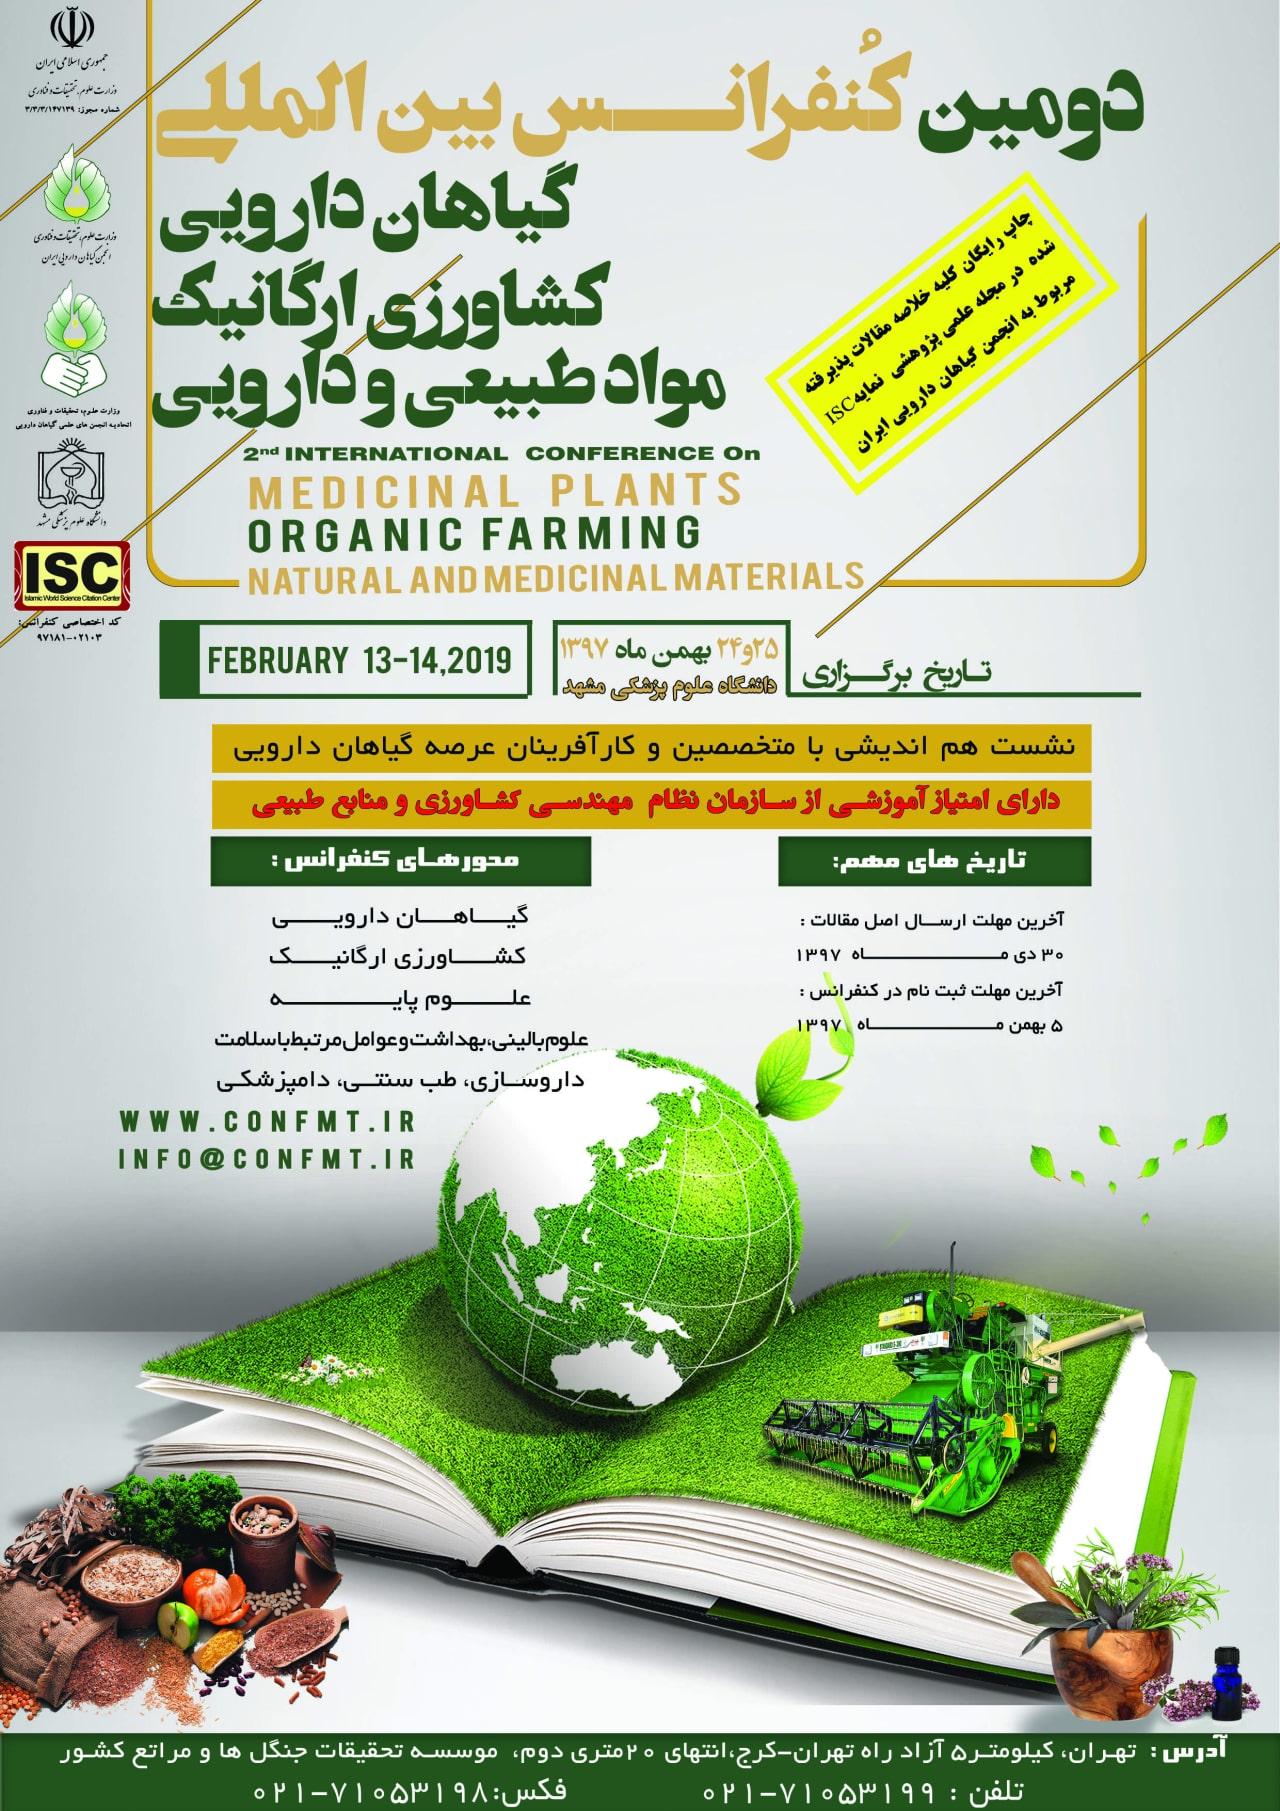 دومین کنفرانس بین المللی گیاهان دارویی کشاورزی ارگانیک مواد طبیعی و دارویی